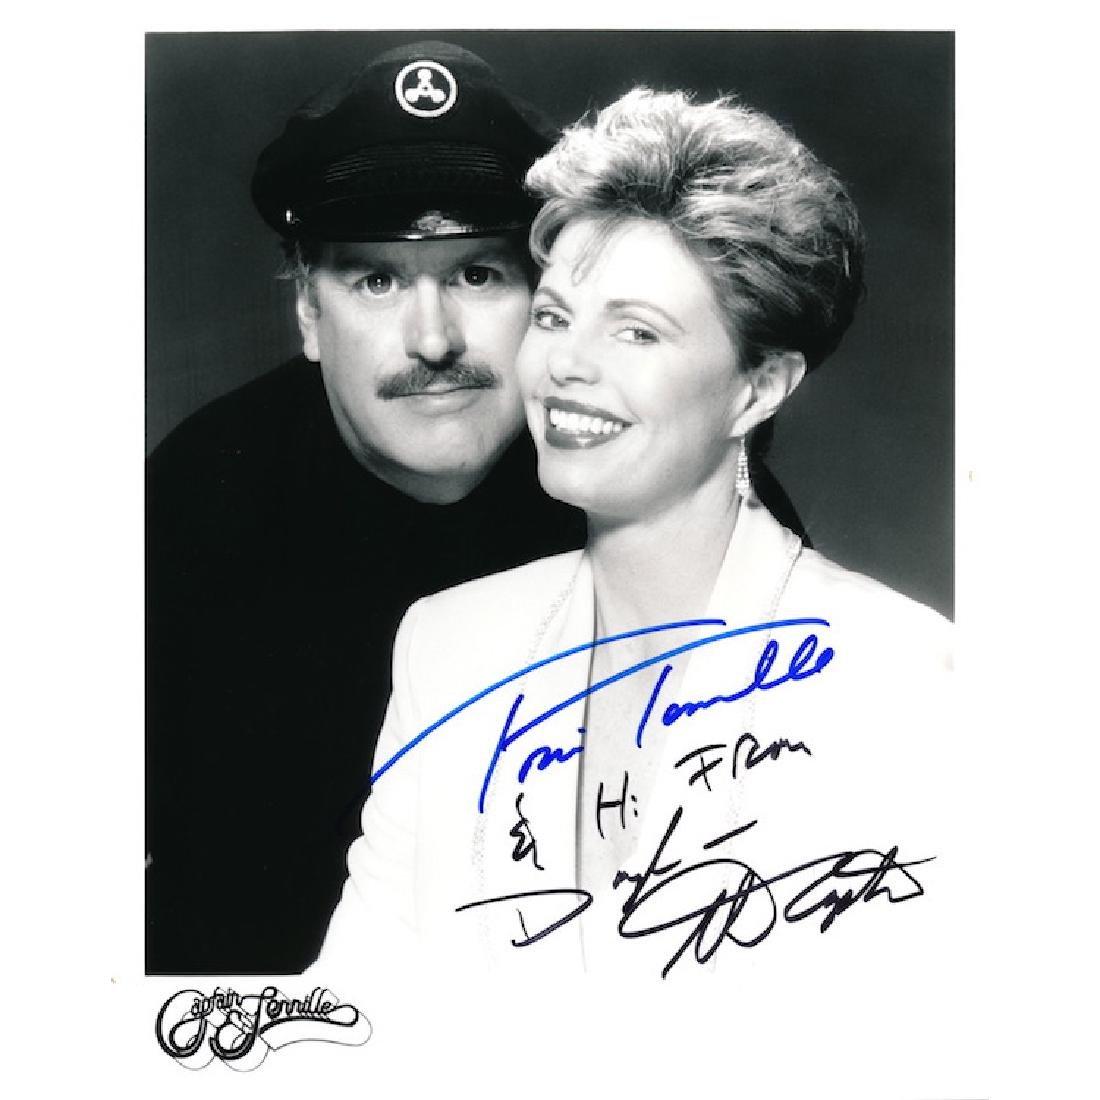 Captain & Tennille Autographed Photograph